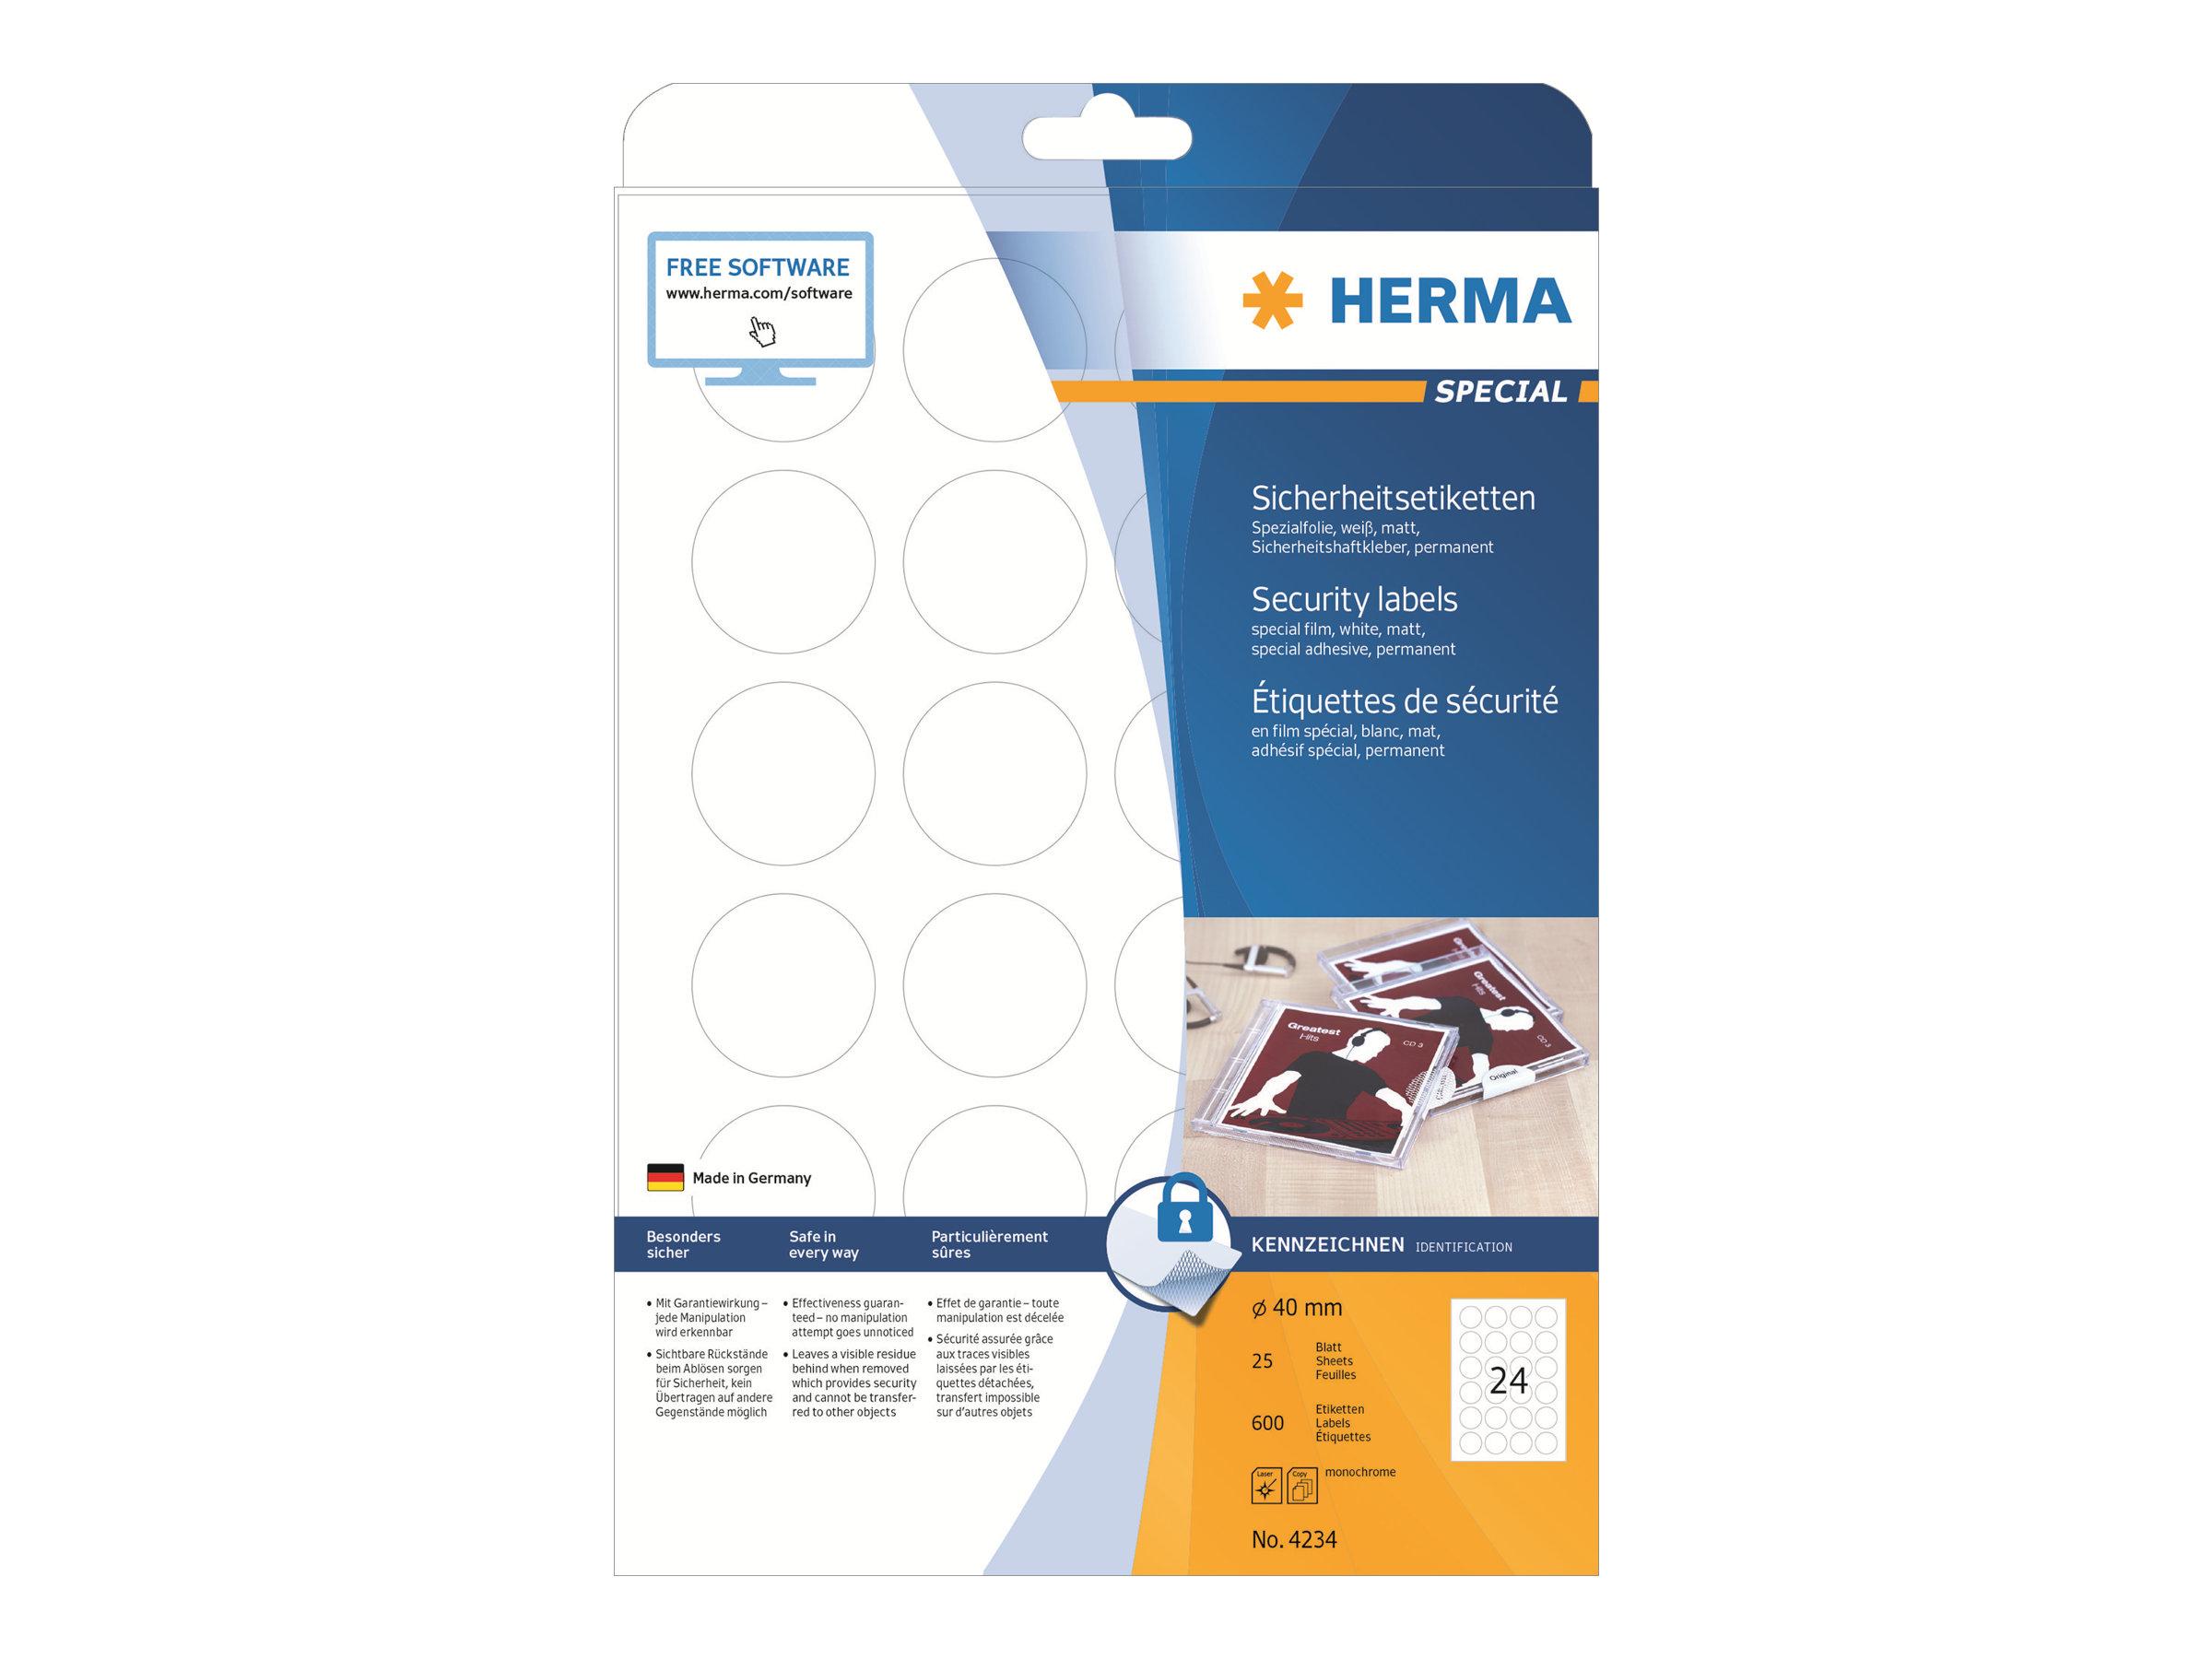 HERMA Special - Weiß - 40 mm rund 600 Etikett(en) (25 Bogen x 24) permanent selbstklebende, matte Etiketten aus Schutz-/Siegelfolie